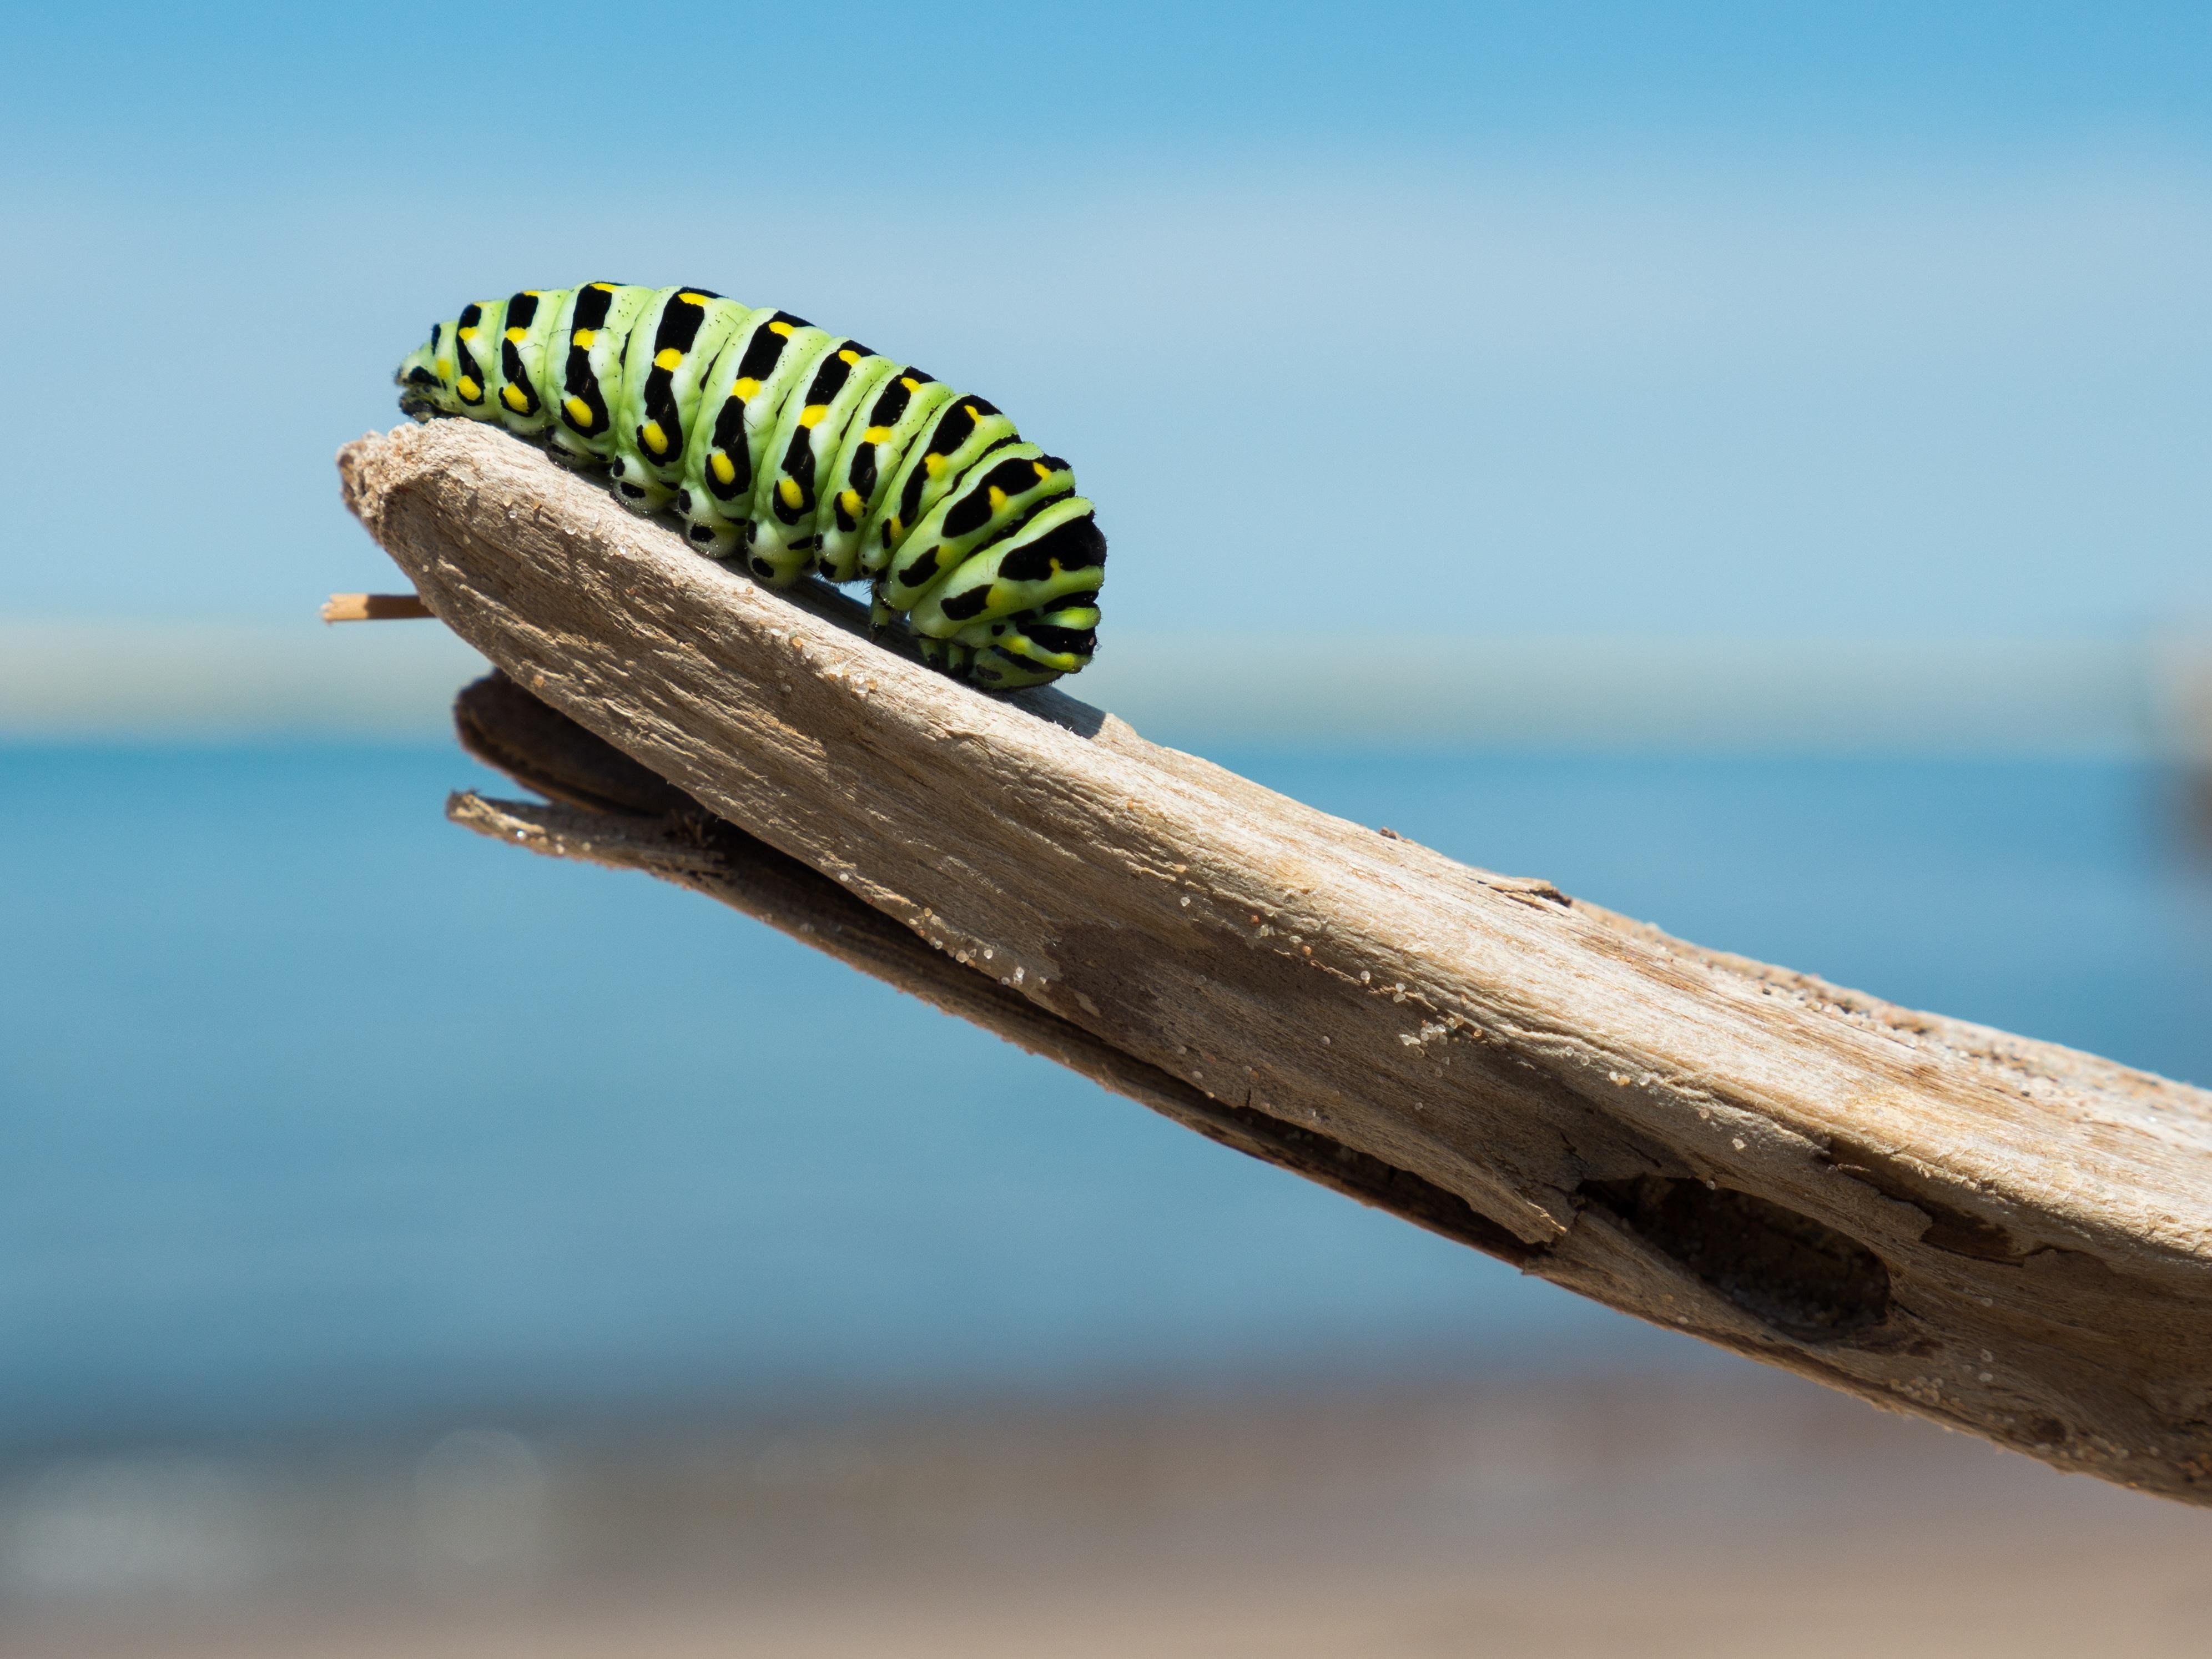 Fotos gratis : mar, arena, rama, madera, fotografía, hoja, animal ...